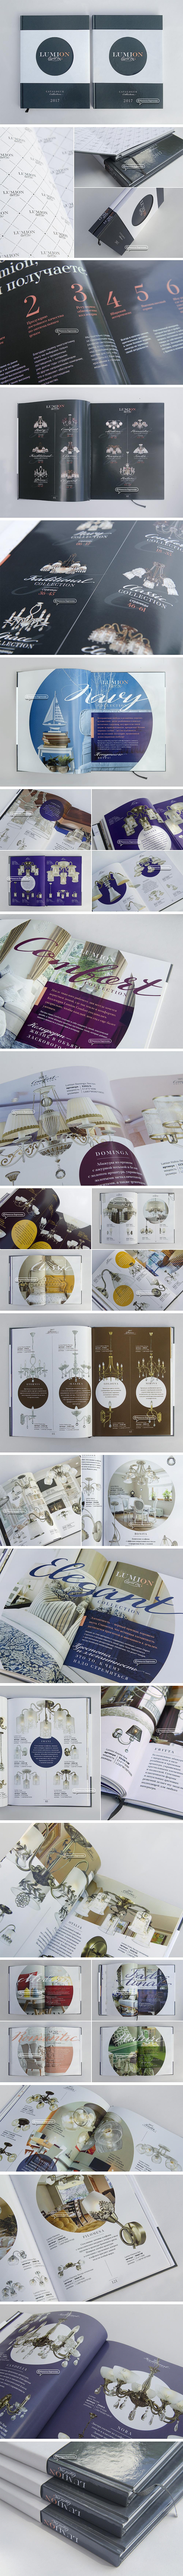 Декоративные светильники Lumion. Каталог 160 полос